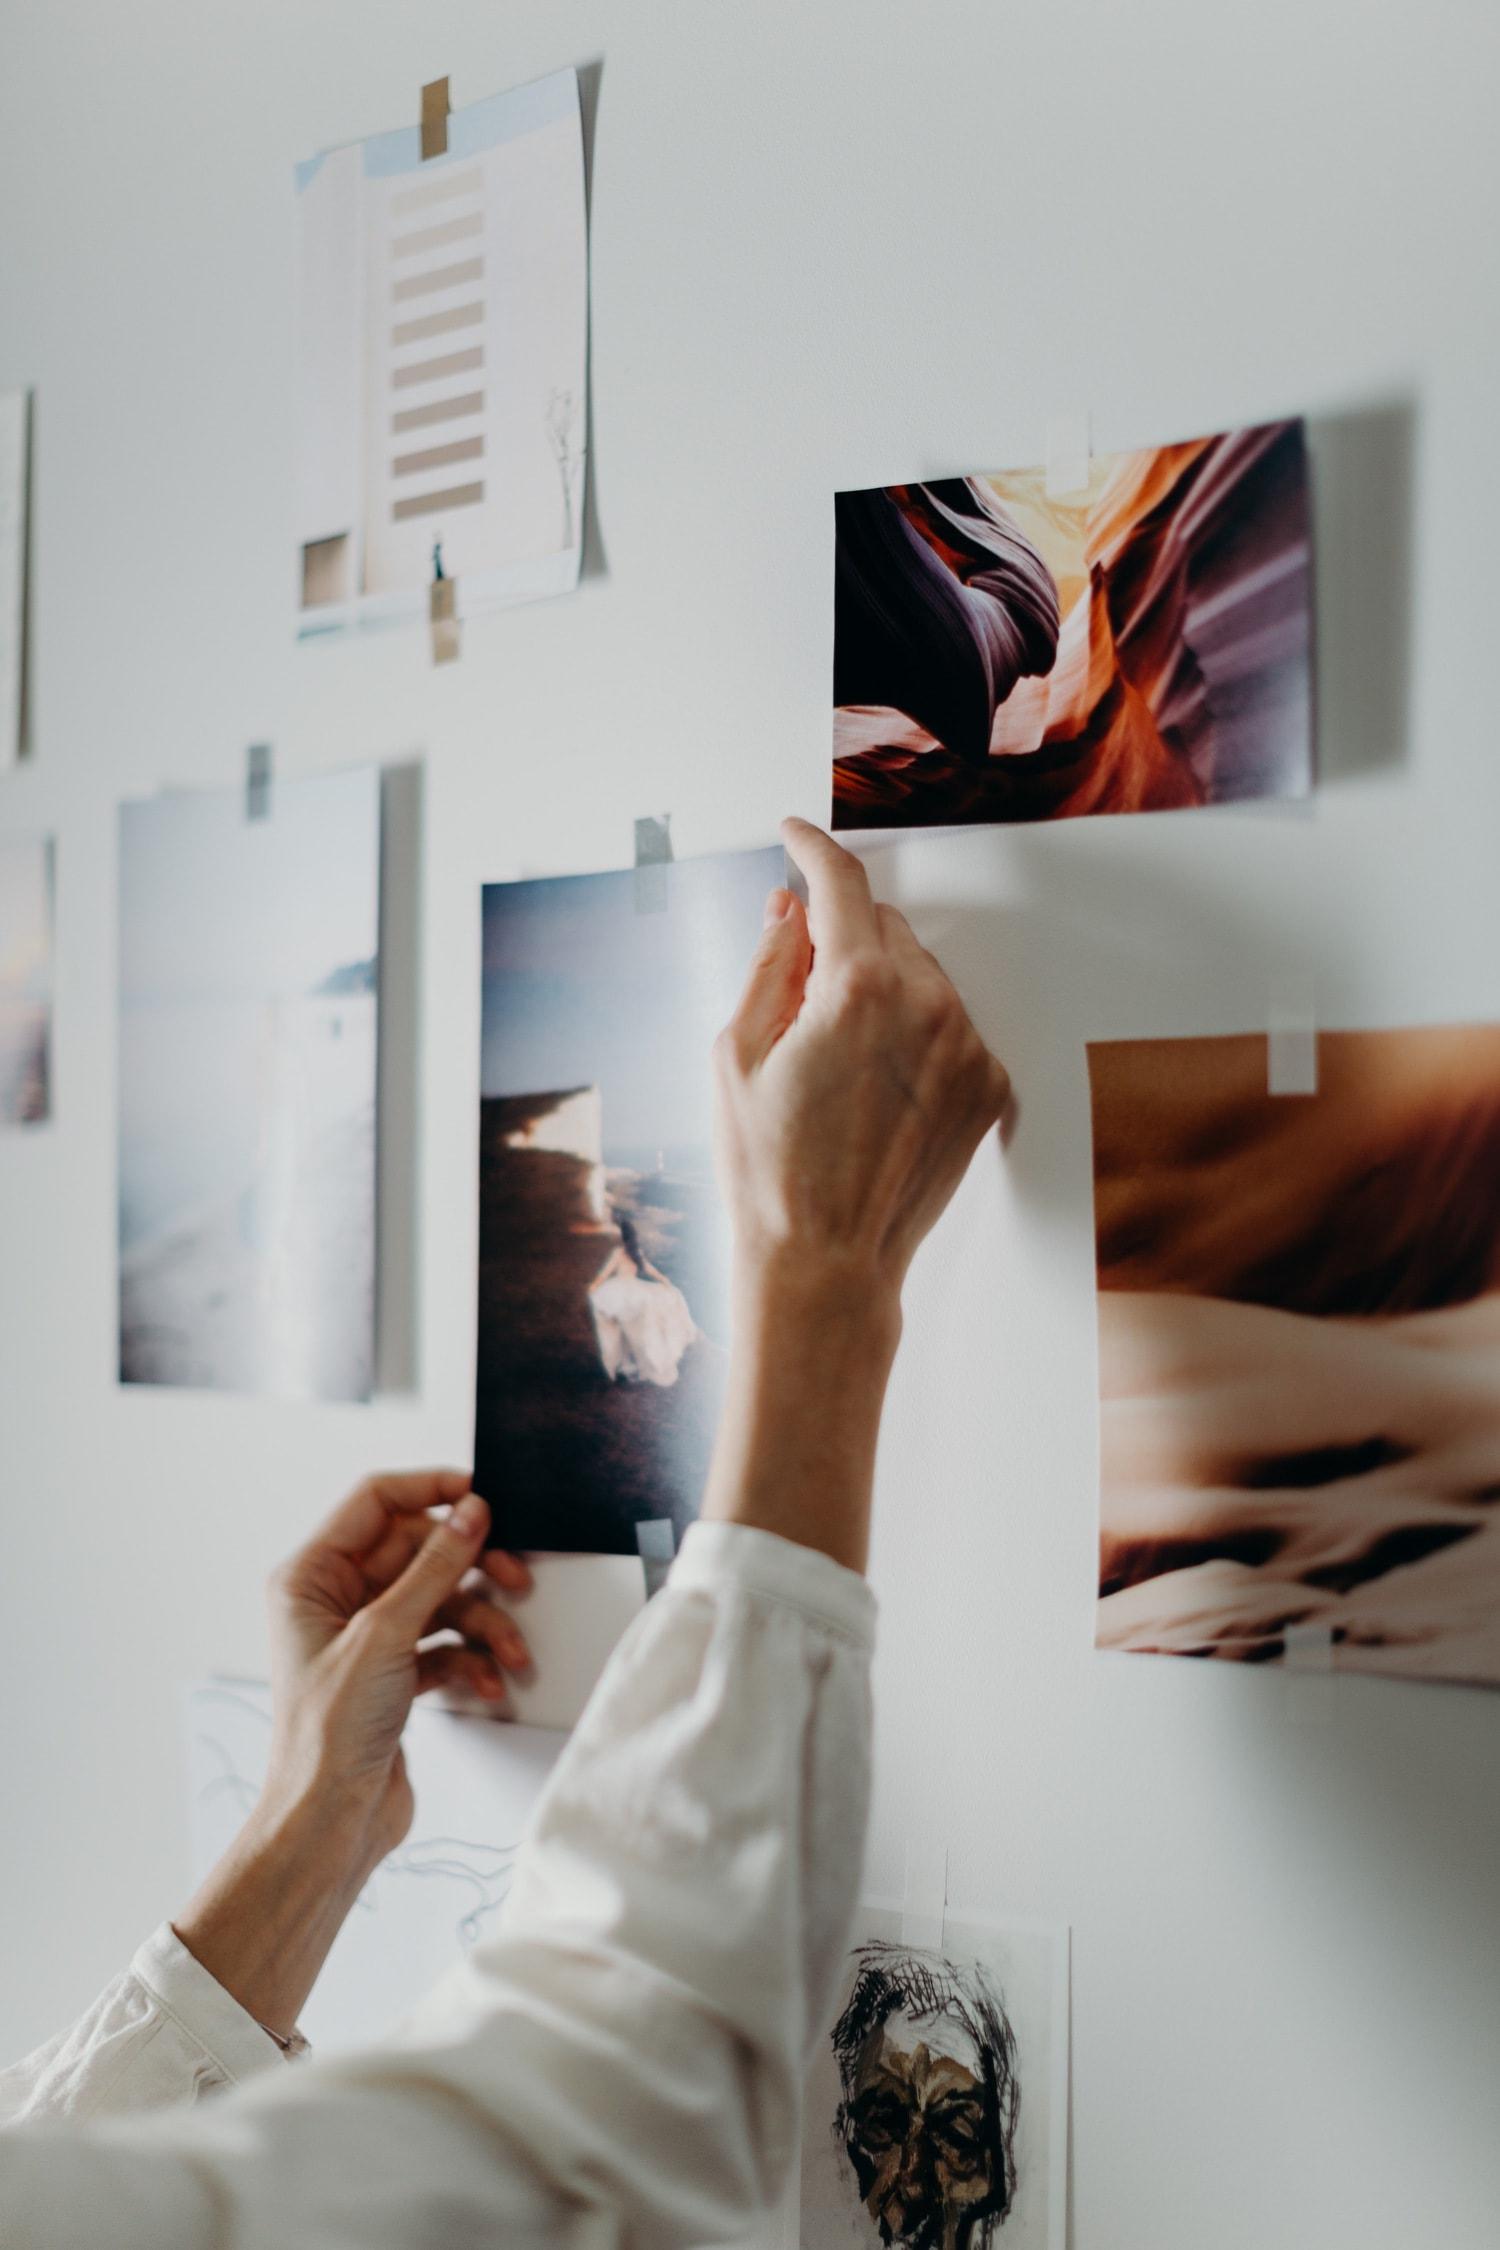 Fotos impresas en la pared